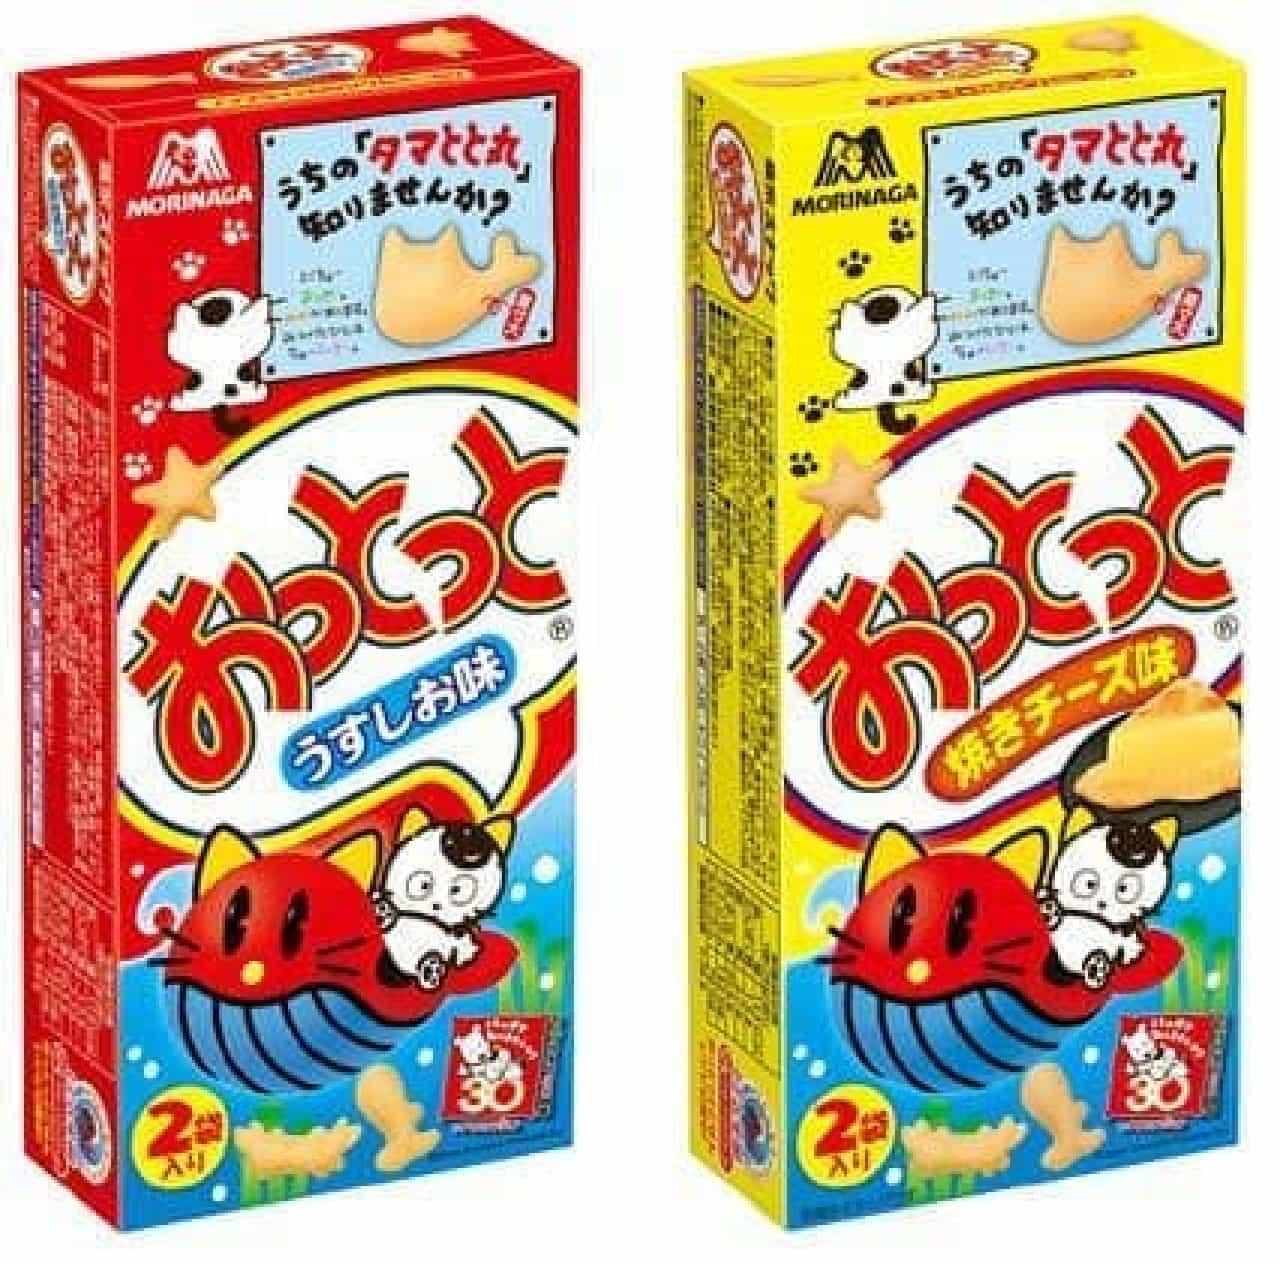 タマとと丸はシークレット菓子型!